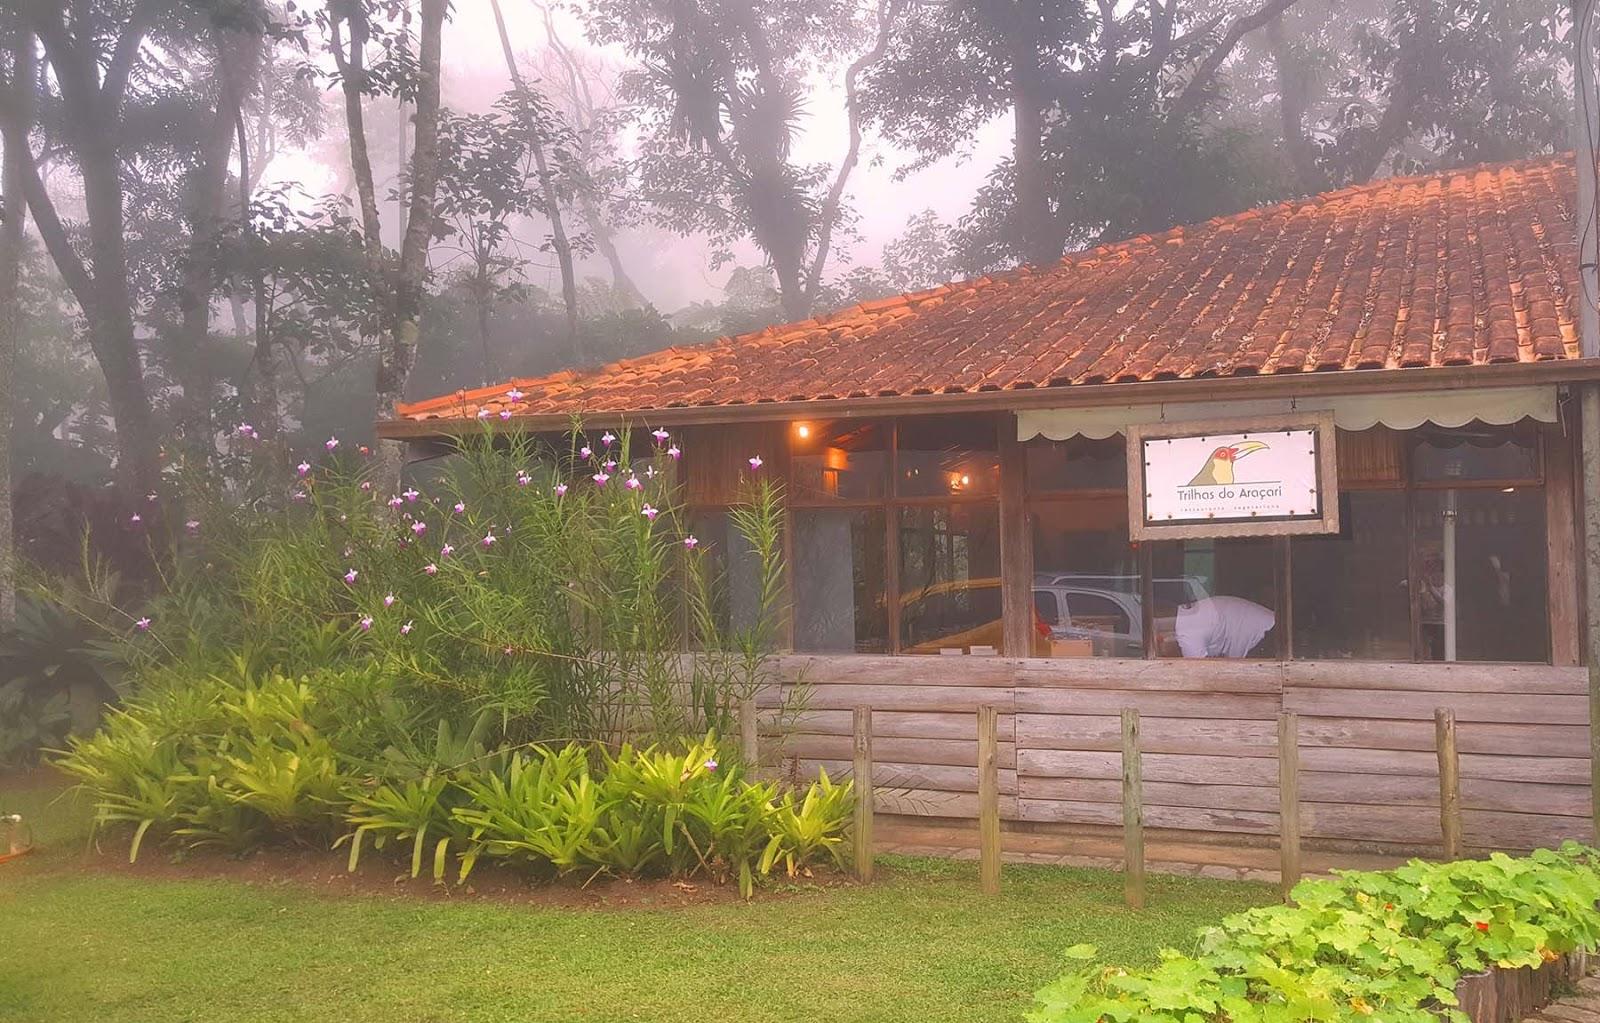 Trilhas do Araçari, Dica de restaurante em Mury,RJ